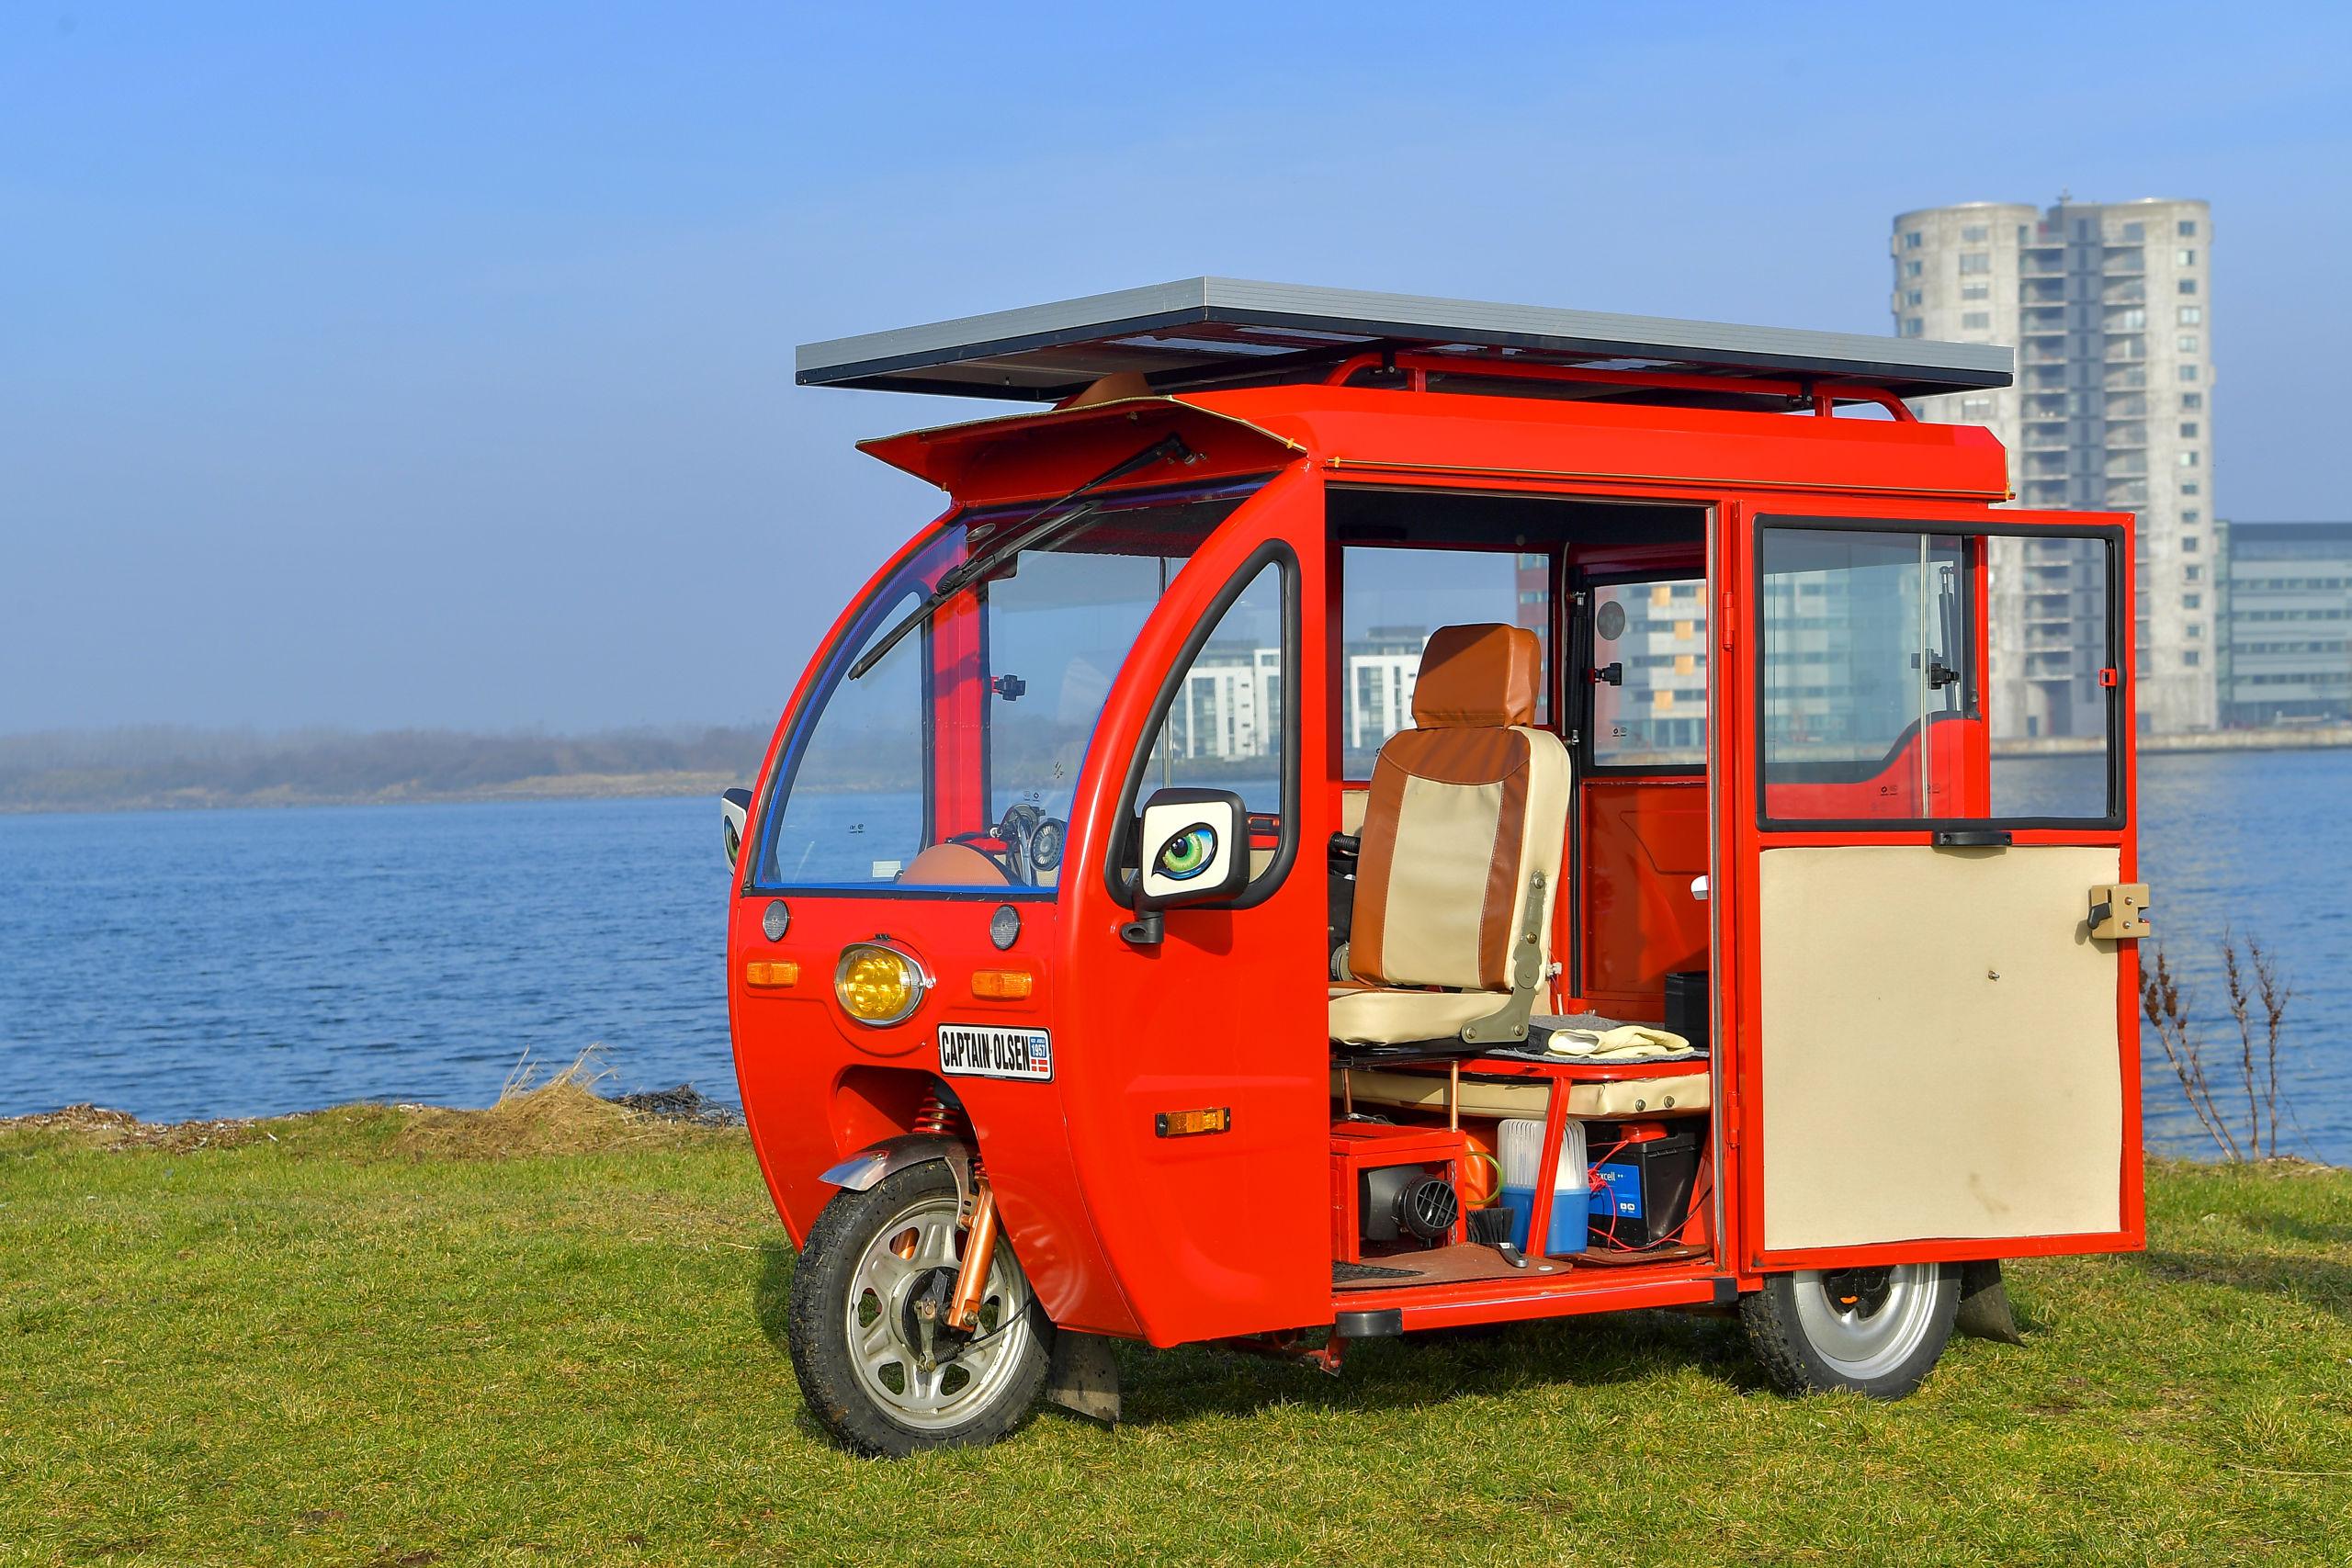 Den elegante - og alt andet lige ganske rummelige - el-kabinescooter er produceret i Kina, og den kan erhverves for ca. 30.000 kroner. Foto: Jesper Thomasen